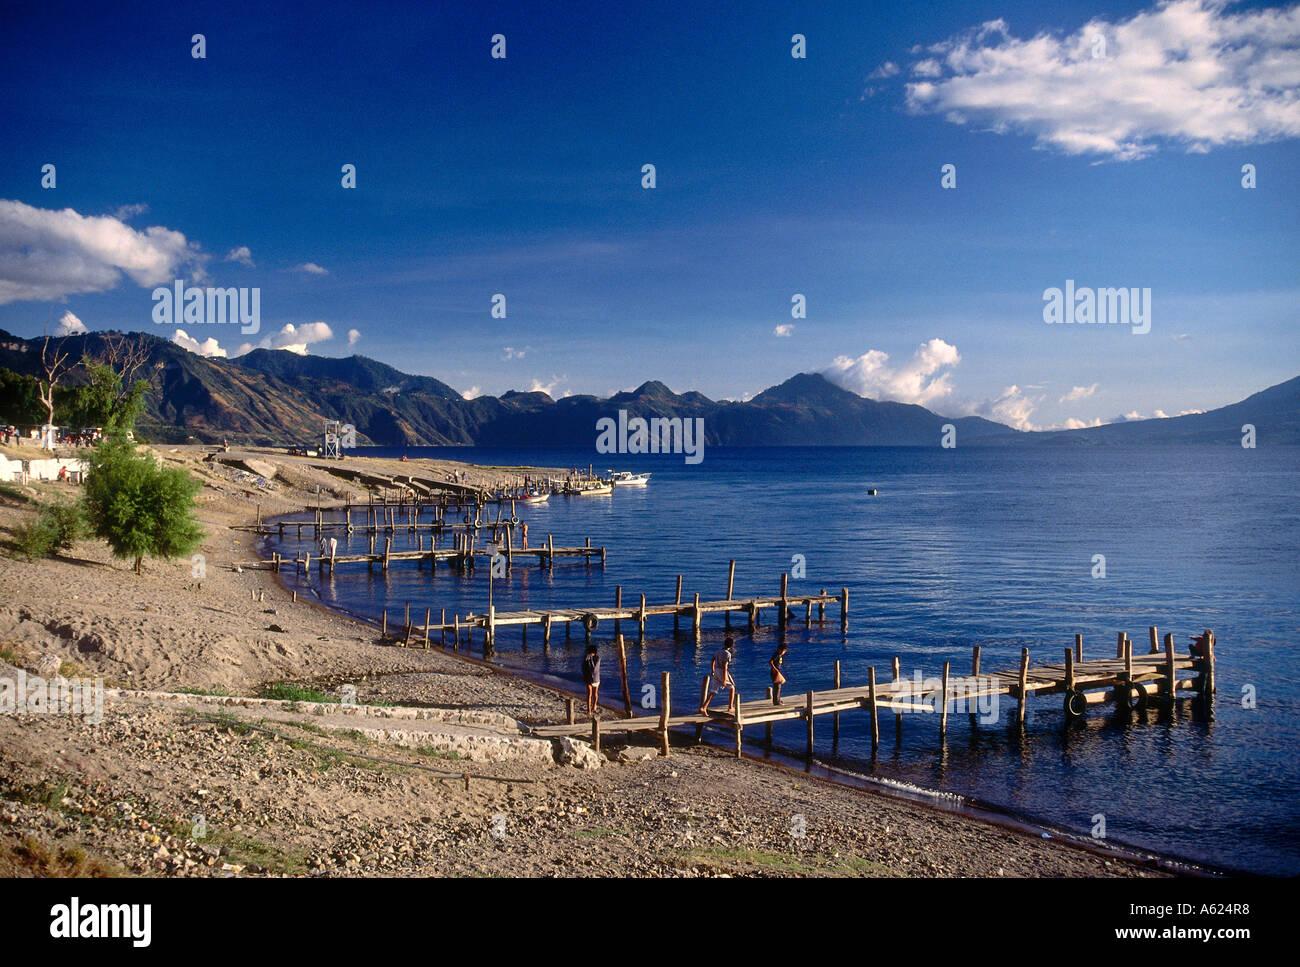 Piers at lake, Santiago Atitlan, Lake Atitlan, Solola, Guatemala - Stock Image